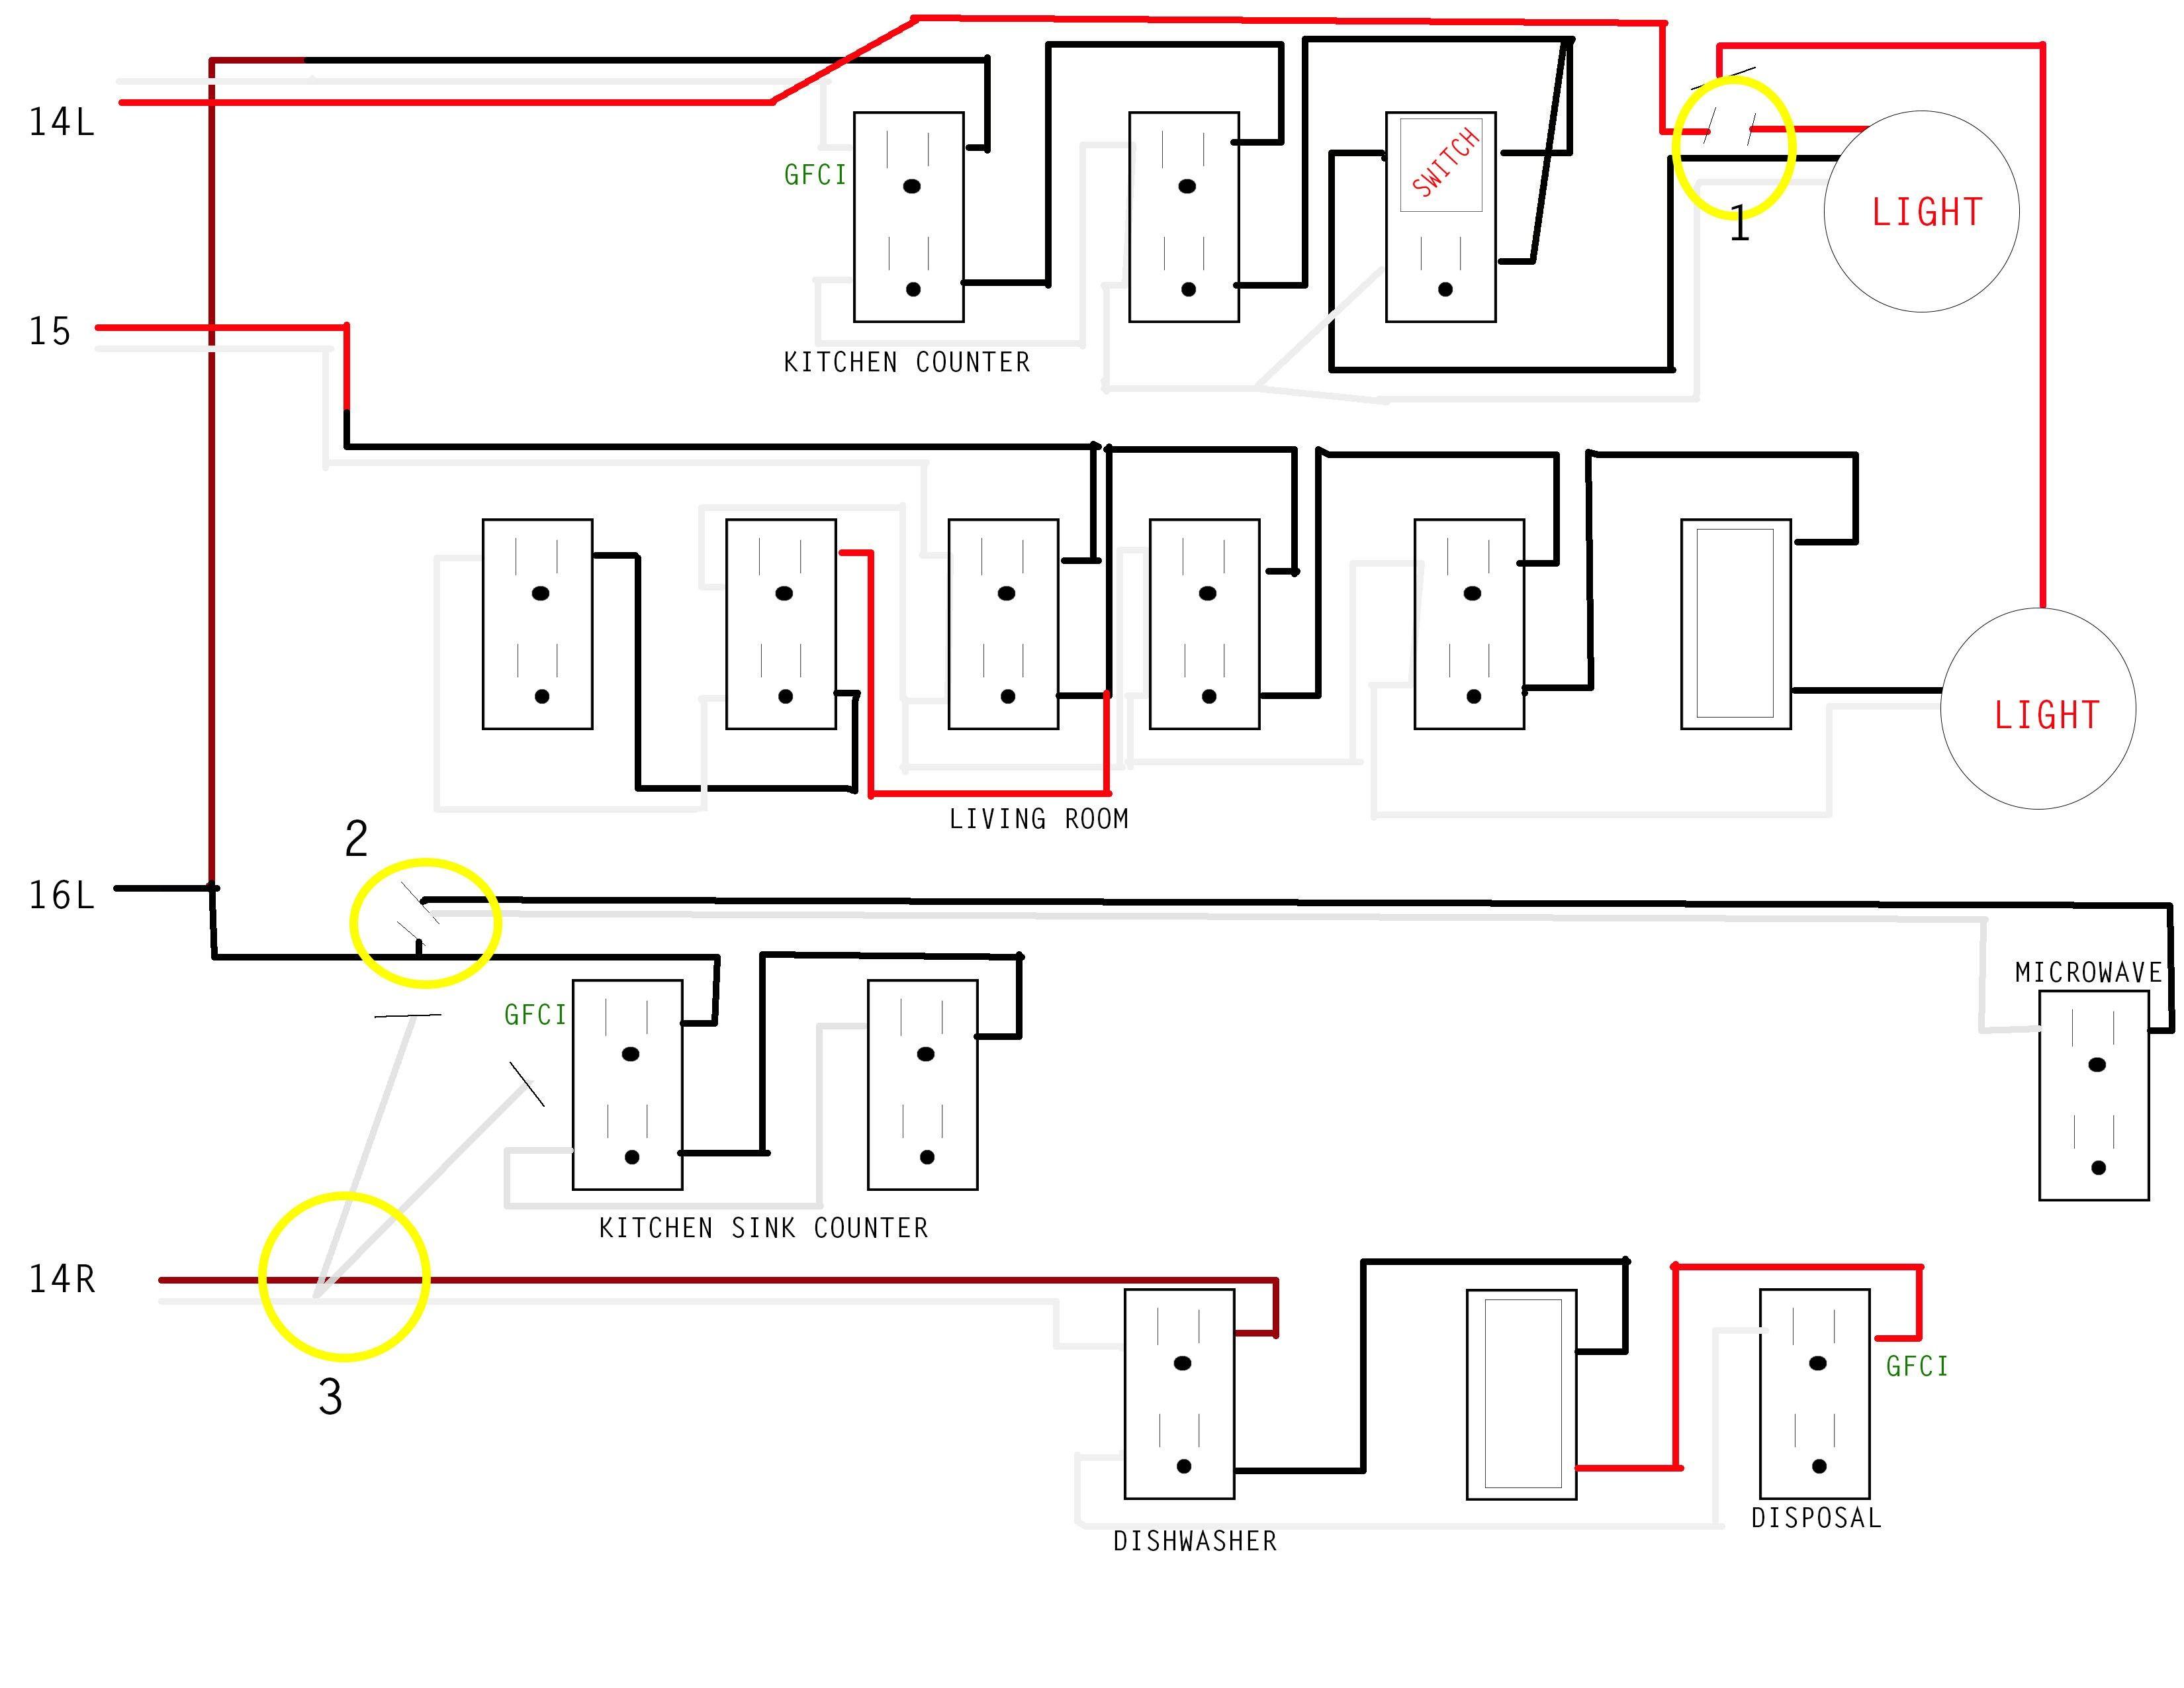 Unique Basic House Wiring Diagram Diagram Diagramsample Diagramtemplate Wiringdiagram Diagramchart Worksheet Worksheettemplate House Wiring Gfci Diagram